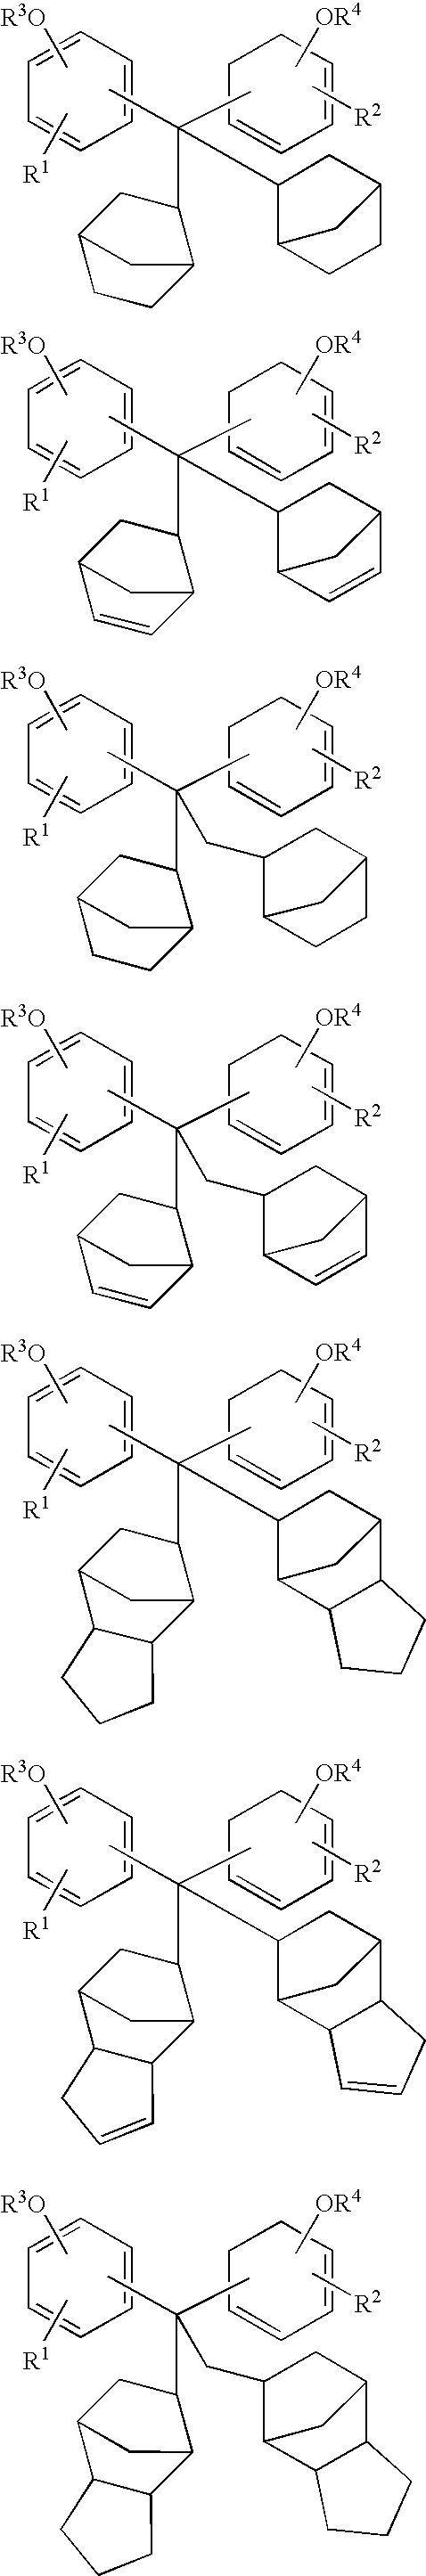 Figure US20070275325A1-20071129-C00005